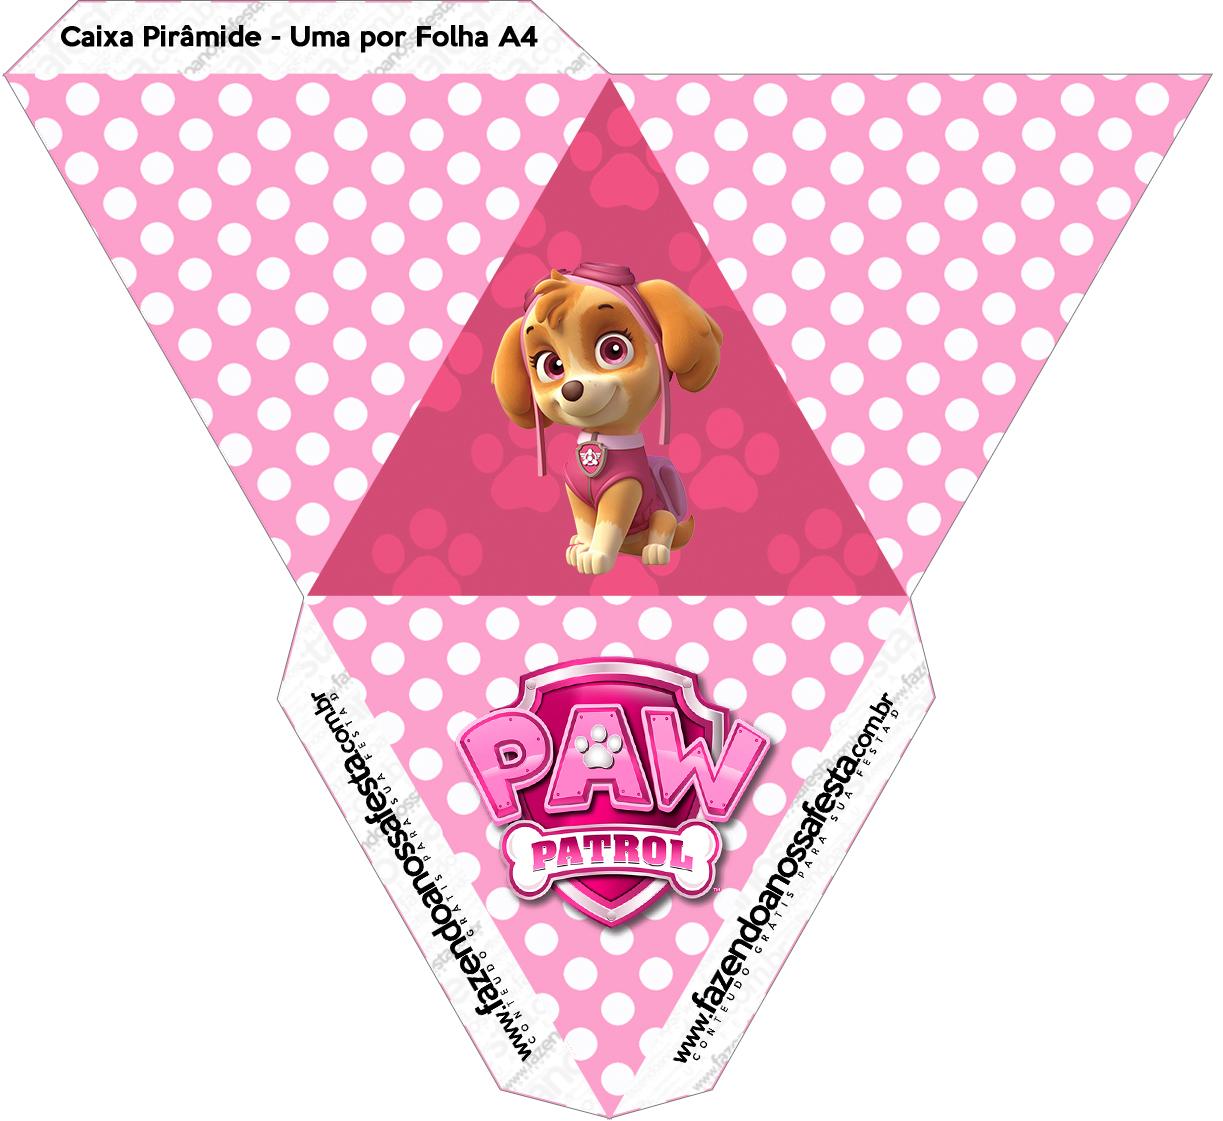 Caixa Piramide 2 Patrulha Canina Para Meninas Fazendo A Nossa Festa